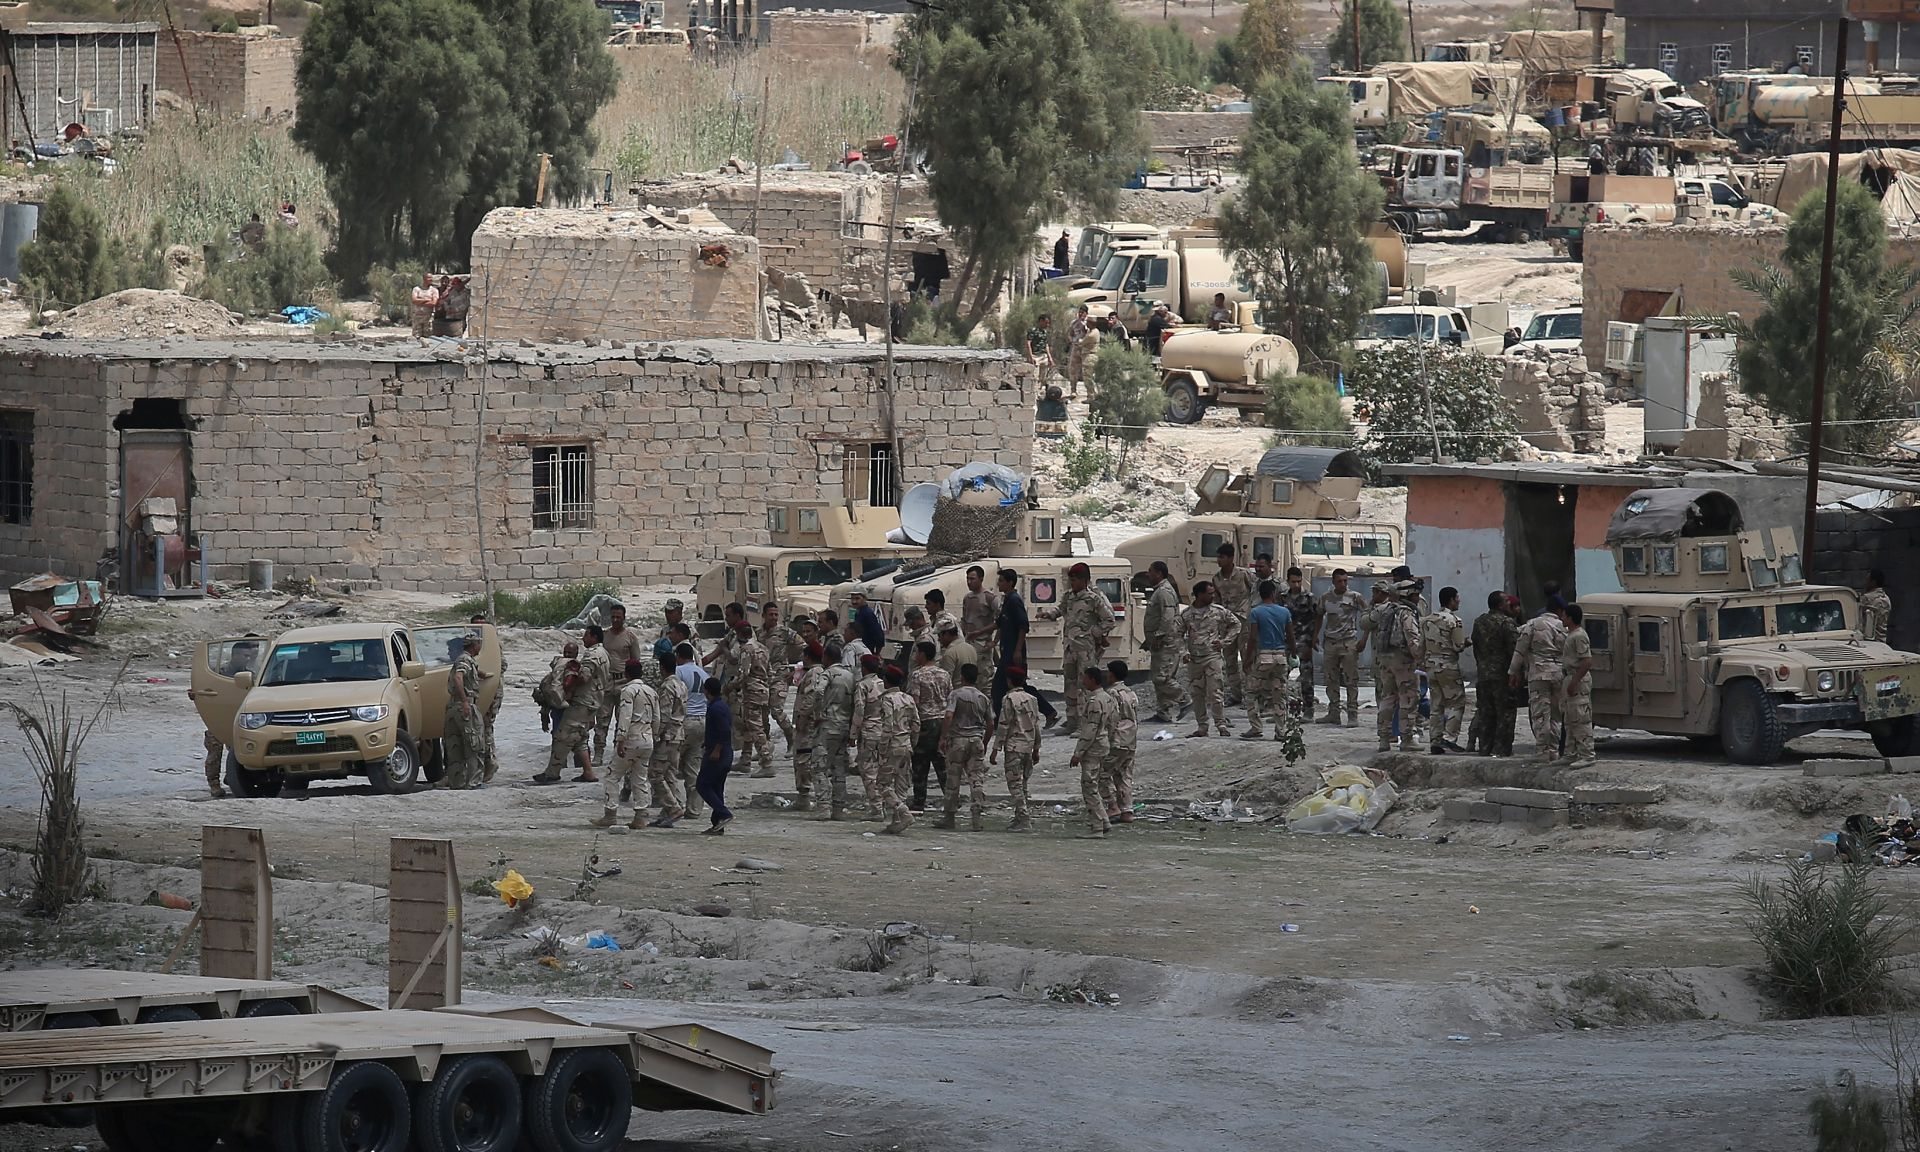 KRŠENJE SUVERENITETA: Turske snage ušle u Irak, iračka vlada zahtijeva njihovo povlačenje